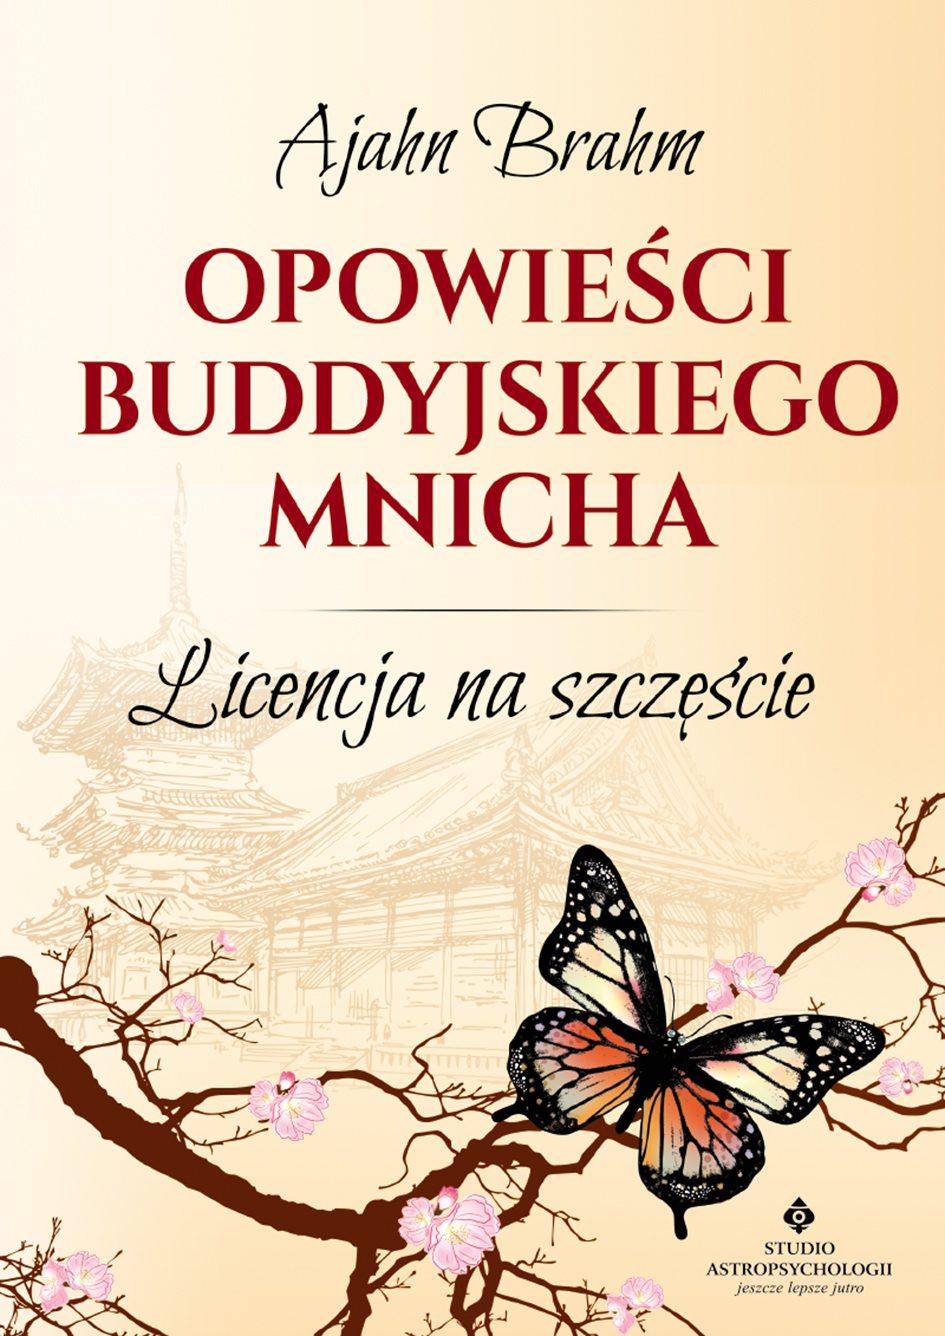 Opowieści buddyjskiego mnicha. Licencja na szczęście - Ebook (Książka PDF) do pobrania w formacie PDF